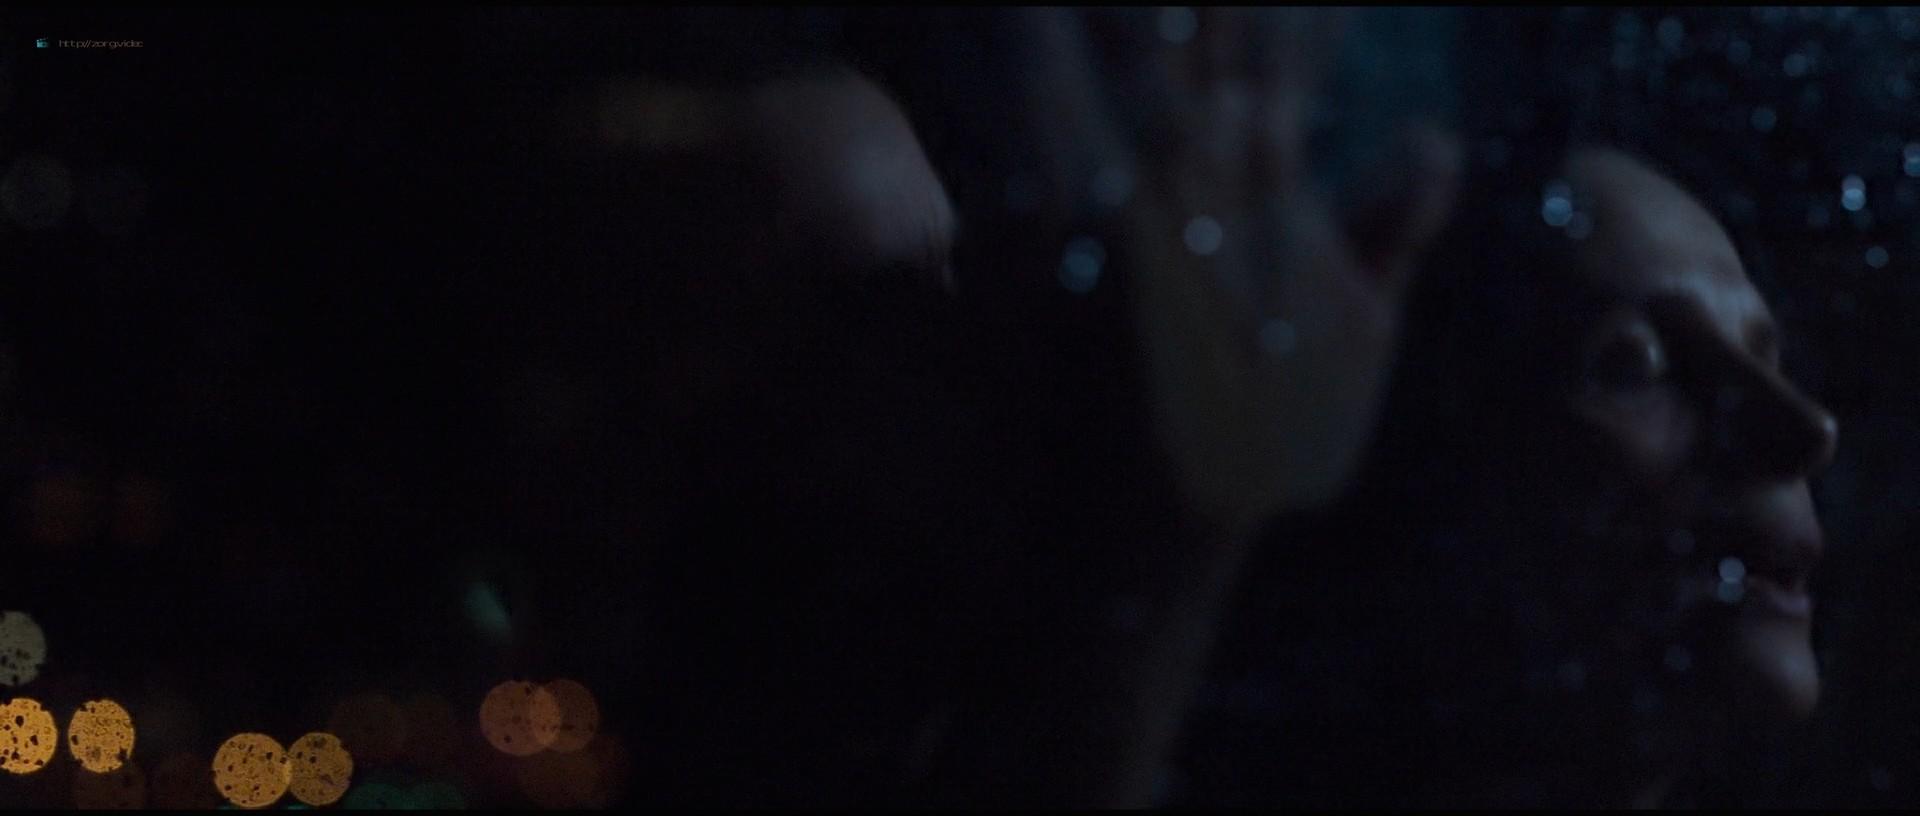 Juliette Binoche nude hot sex - Celle que vous croyez (FR-2019) 1080p BluRay (11)